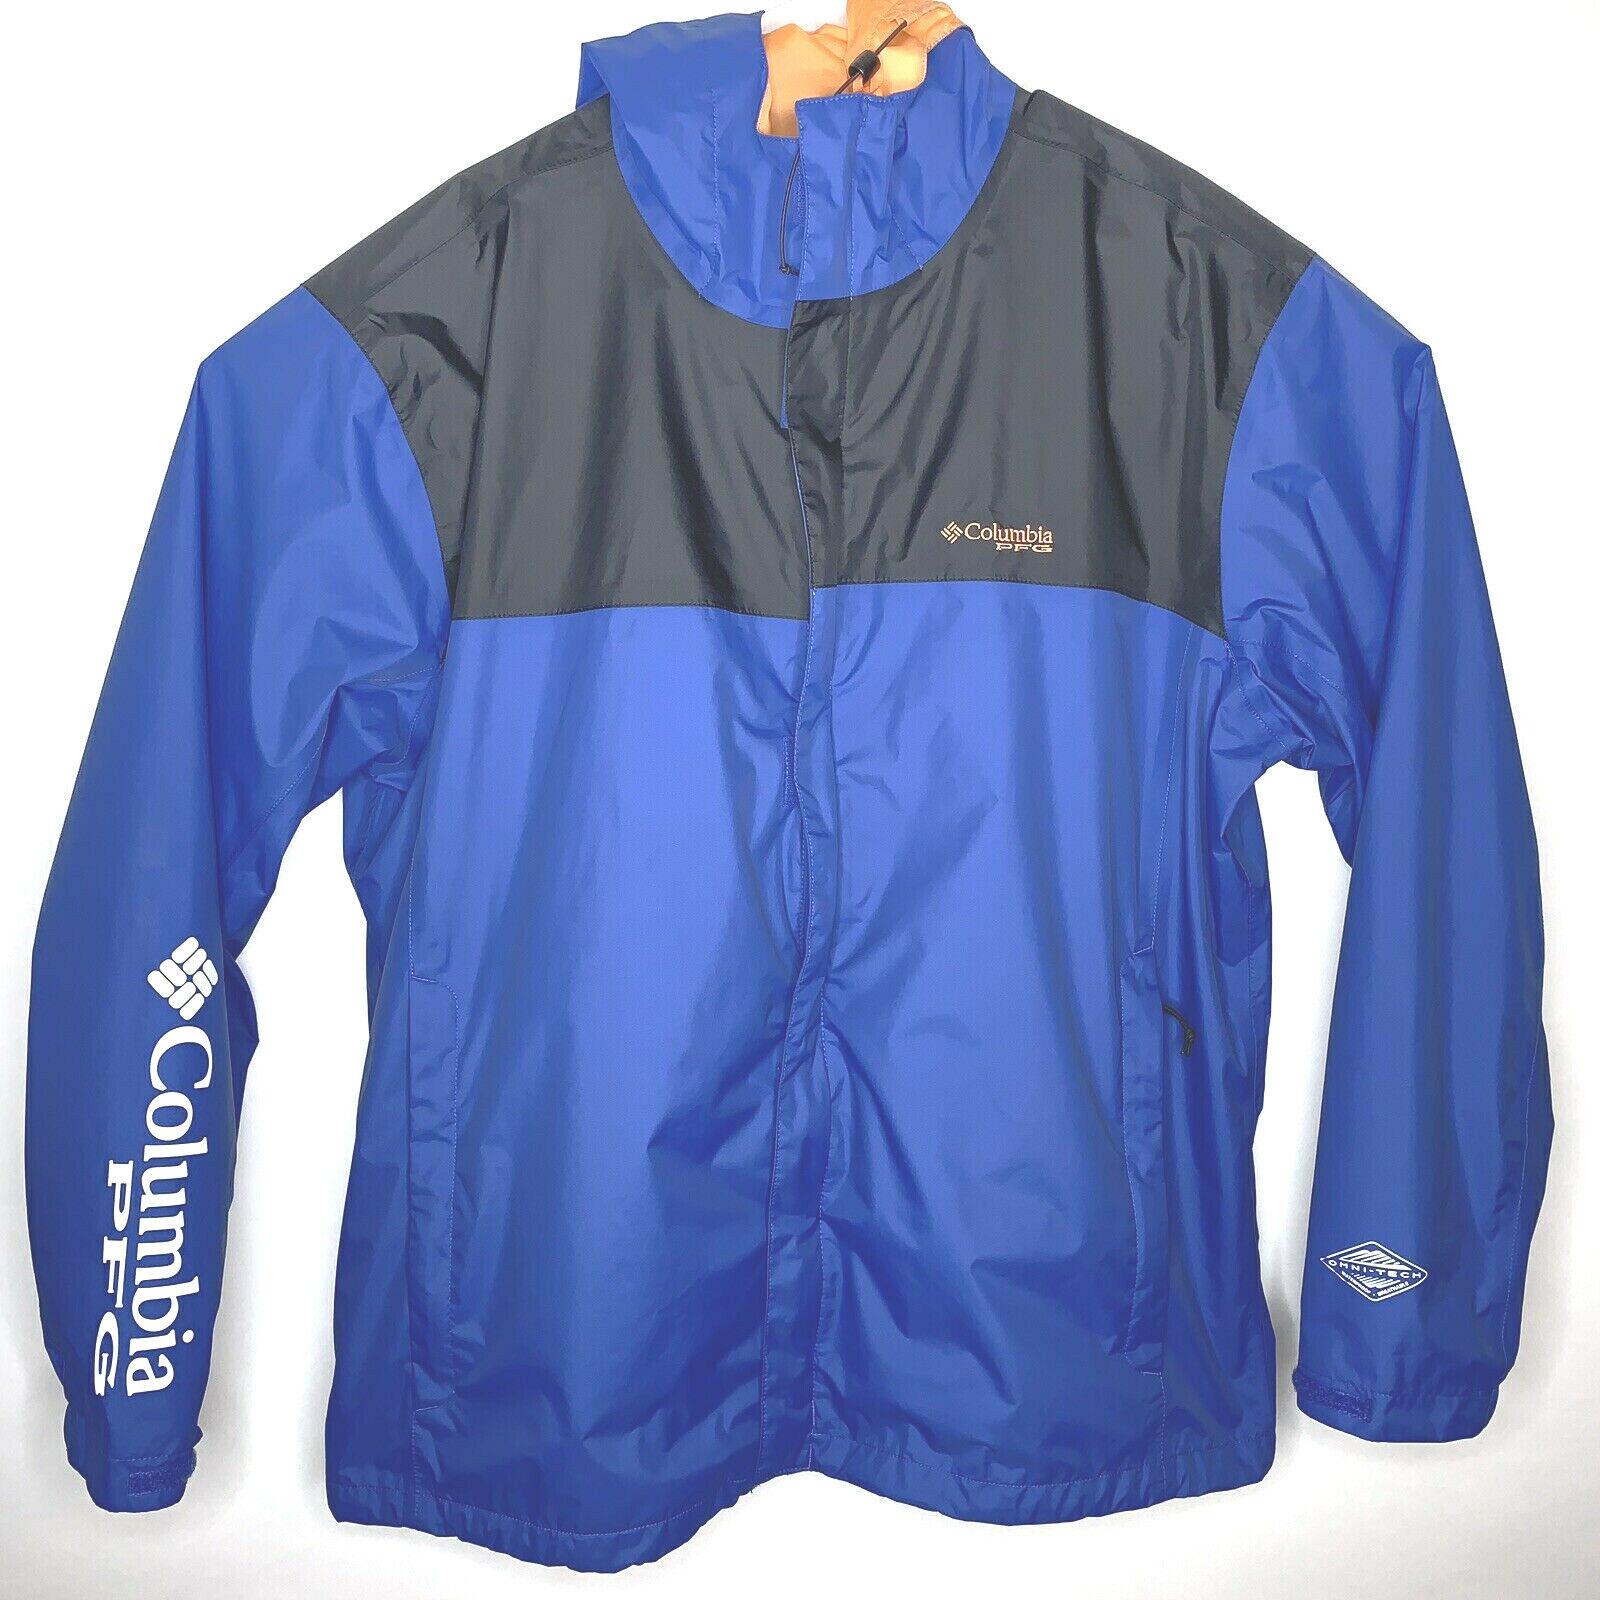 Columbia Sportswear PFG Mens XL Blau Packable Waterproof Breathable Wind Jacket